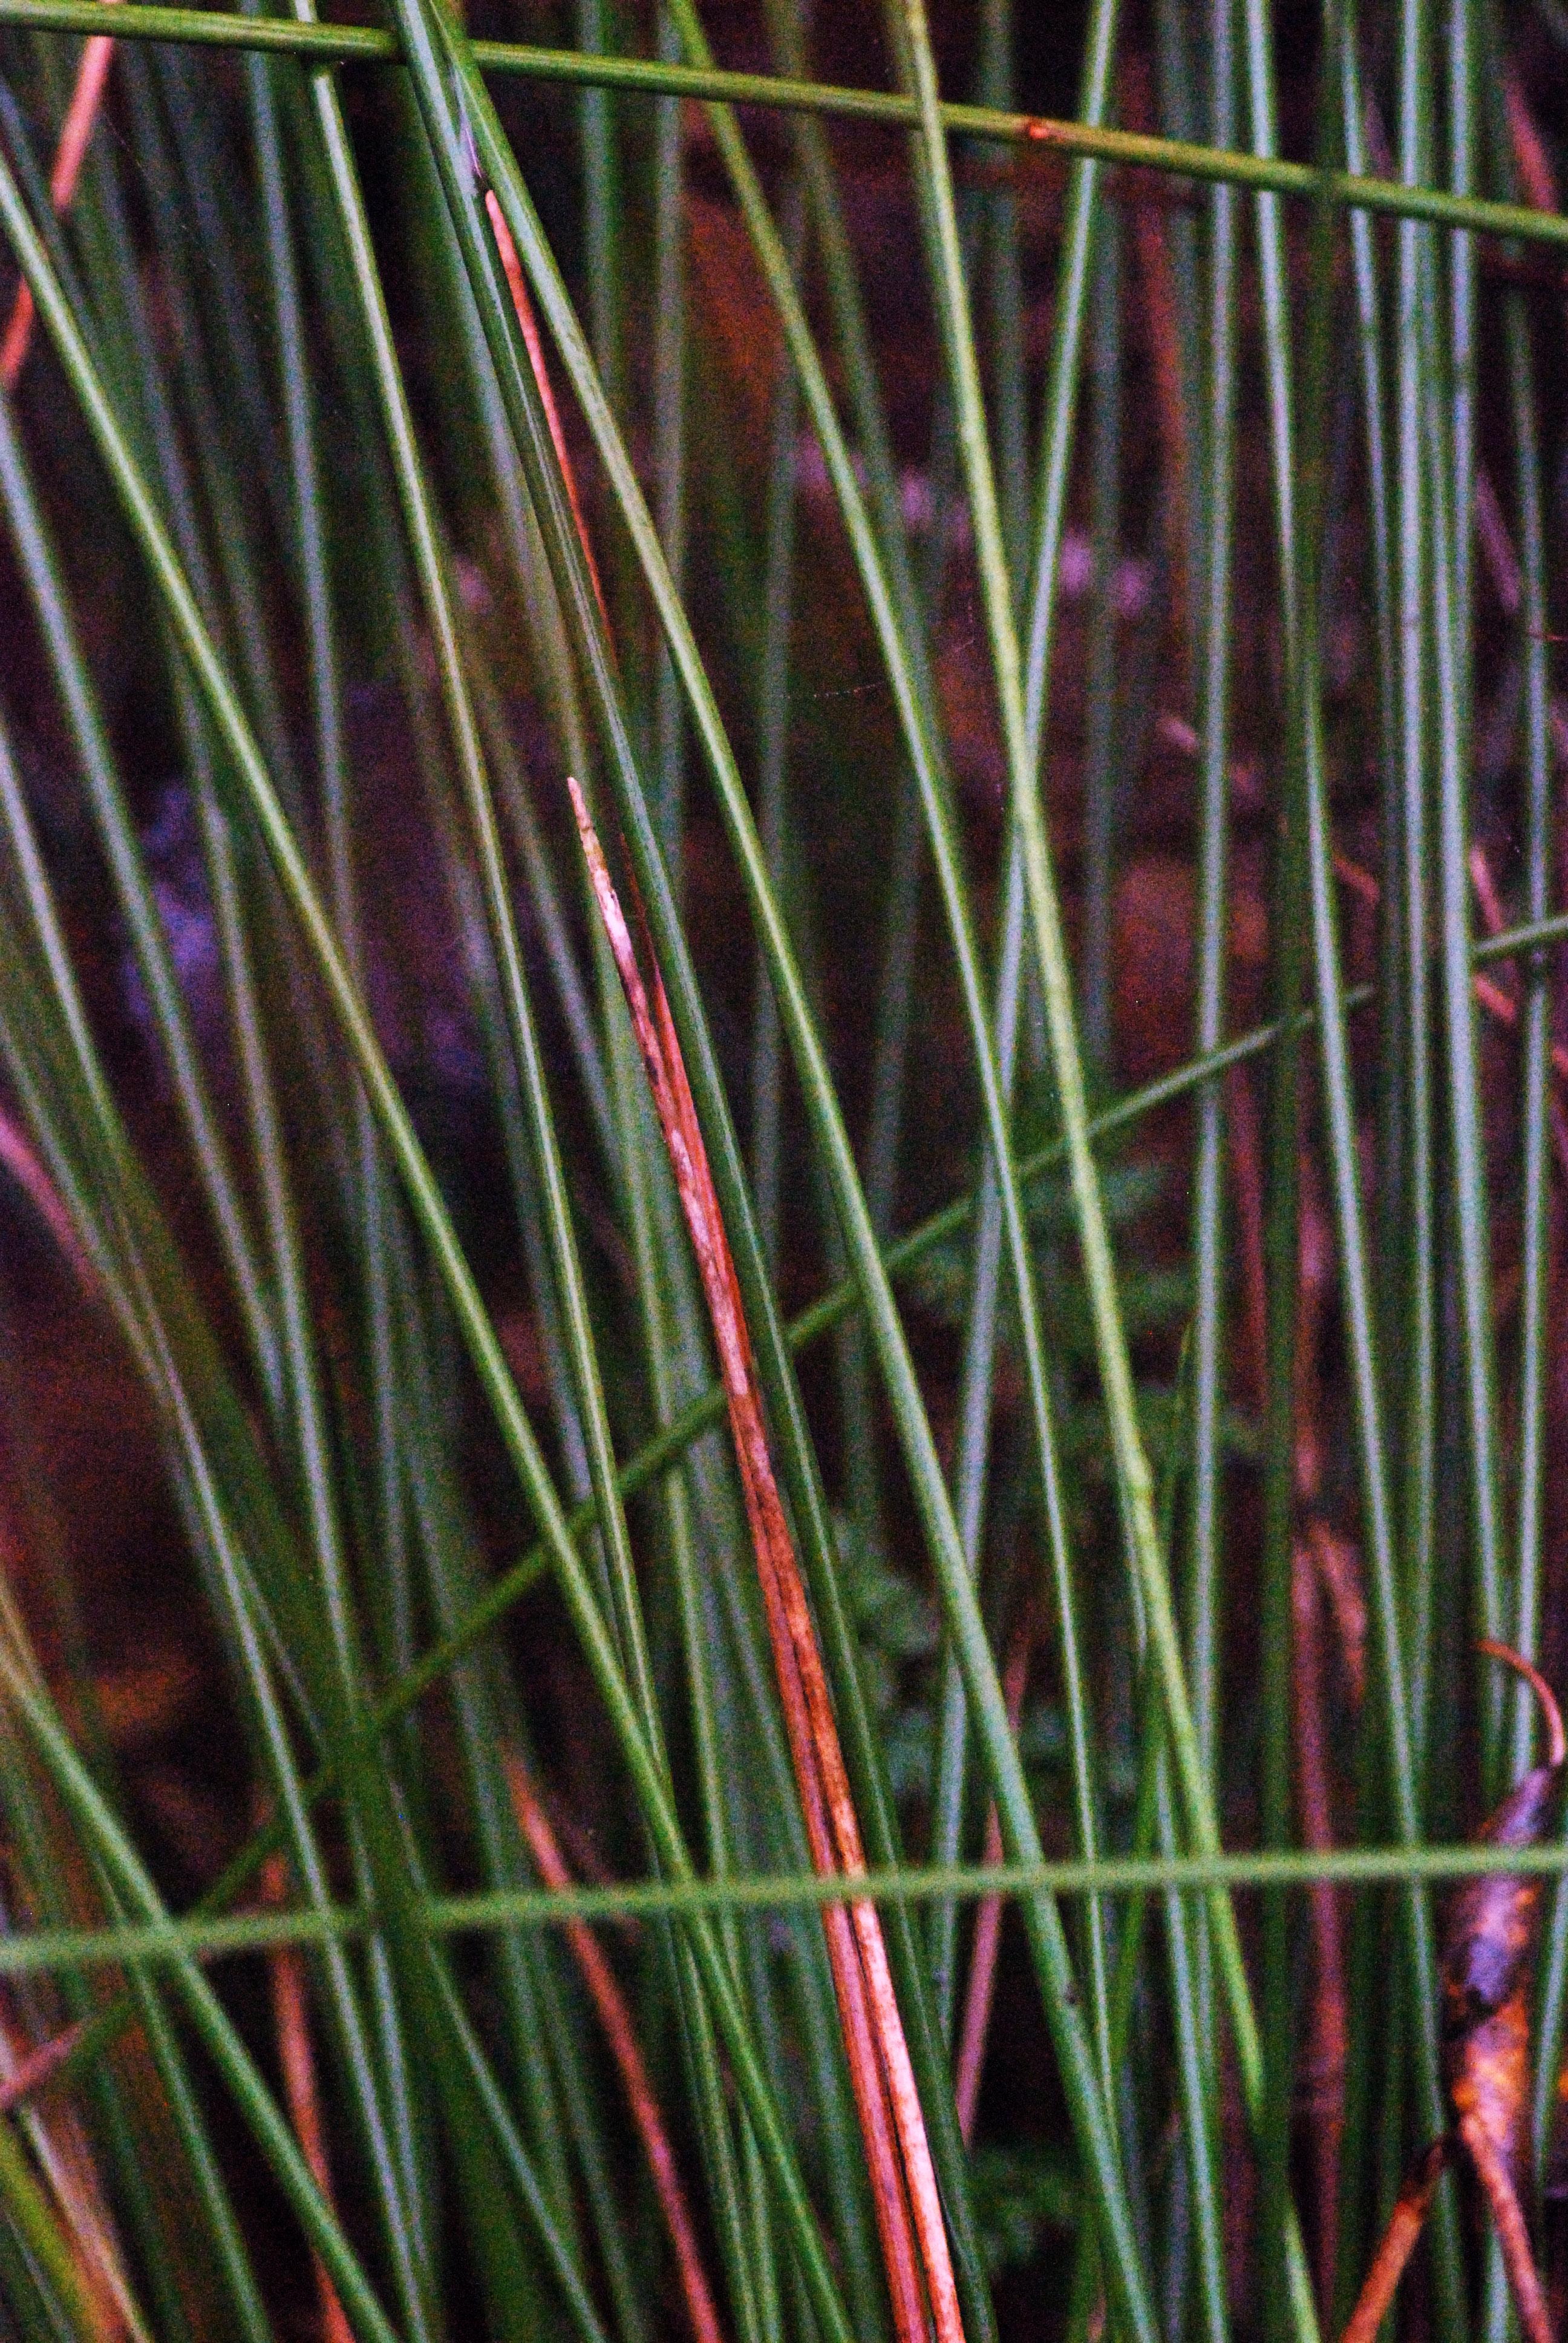 plante sauvage de foret